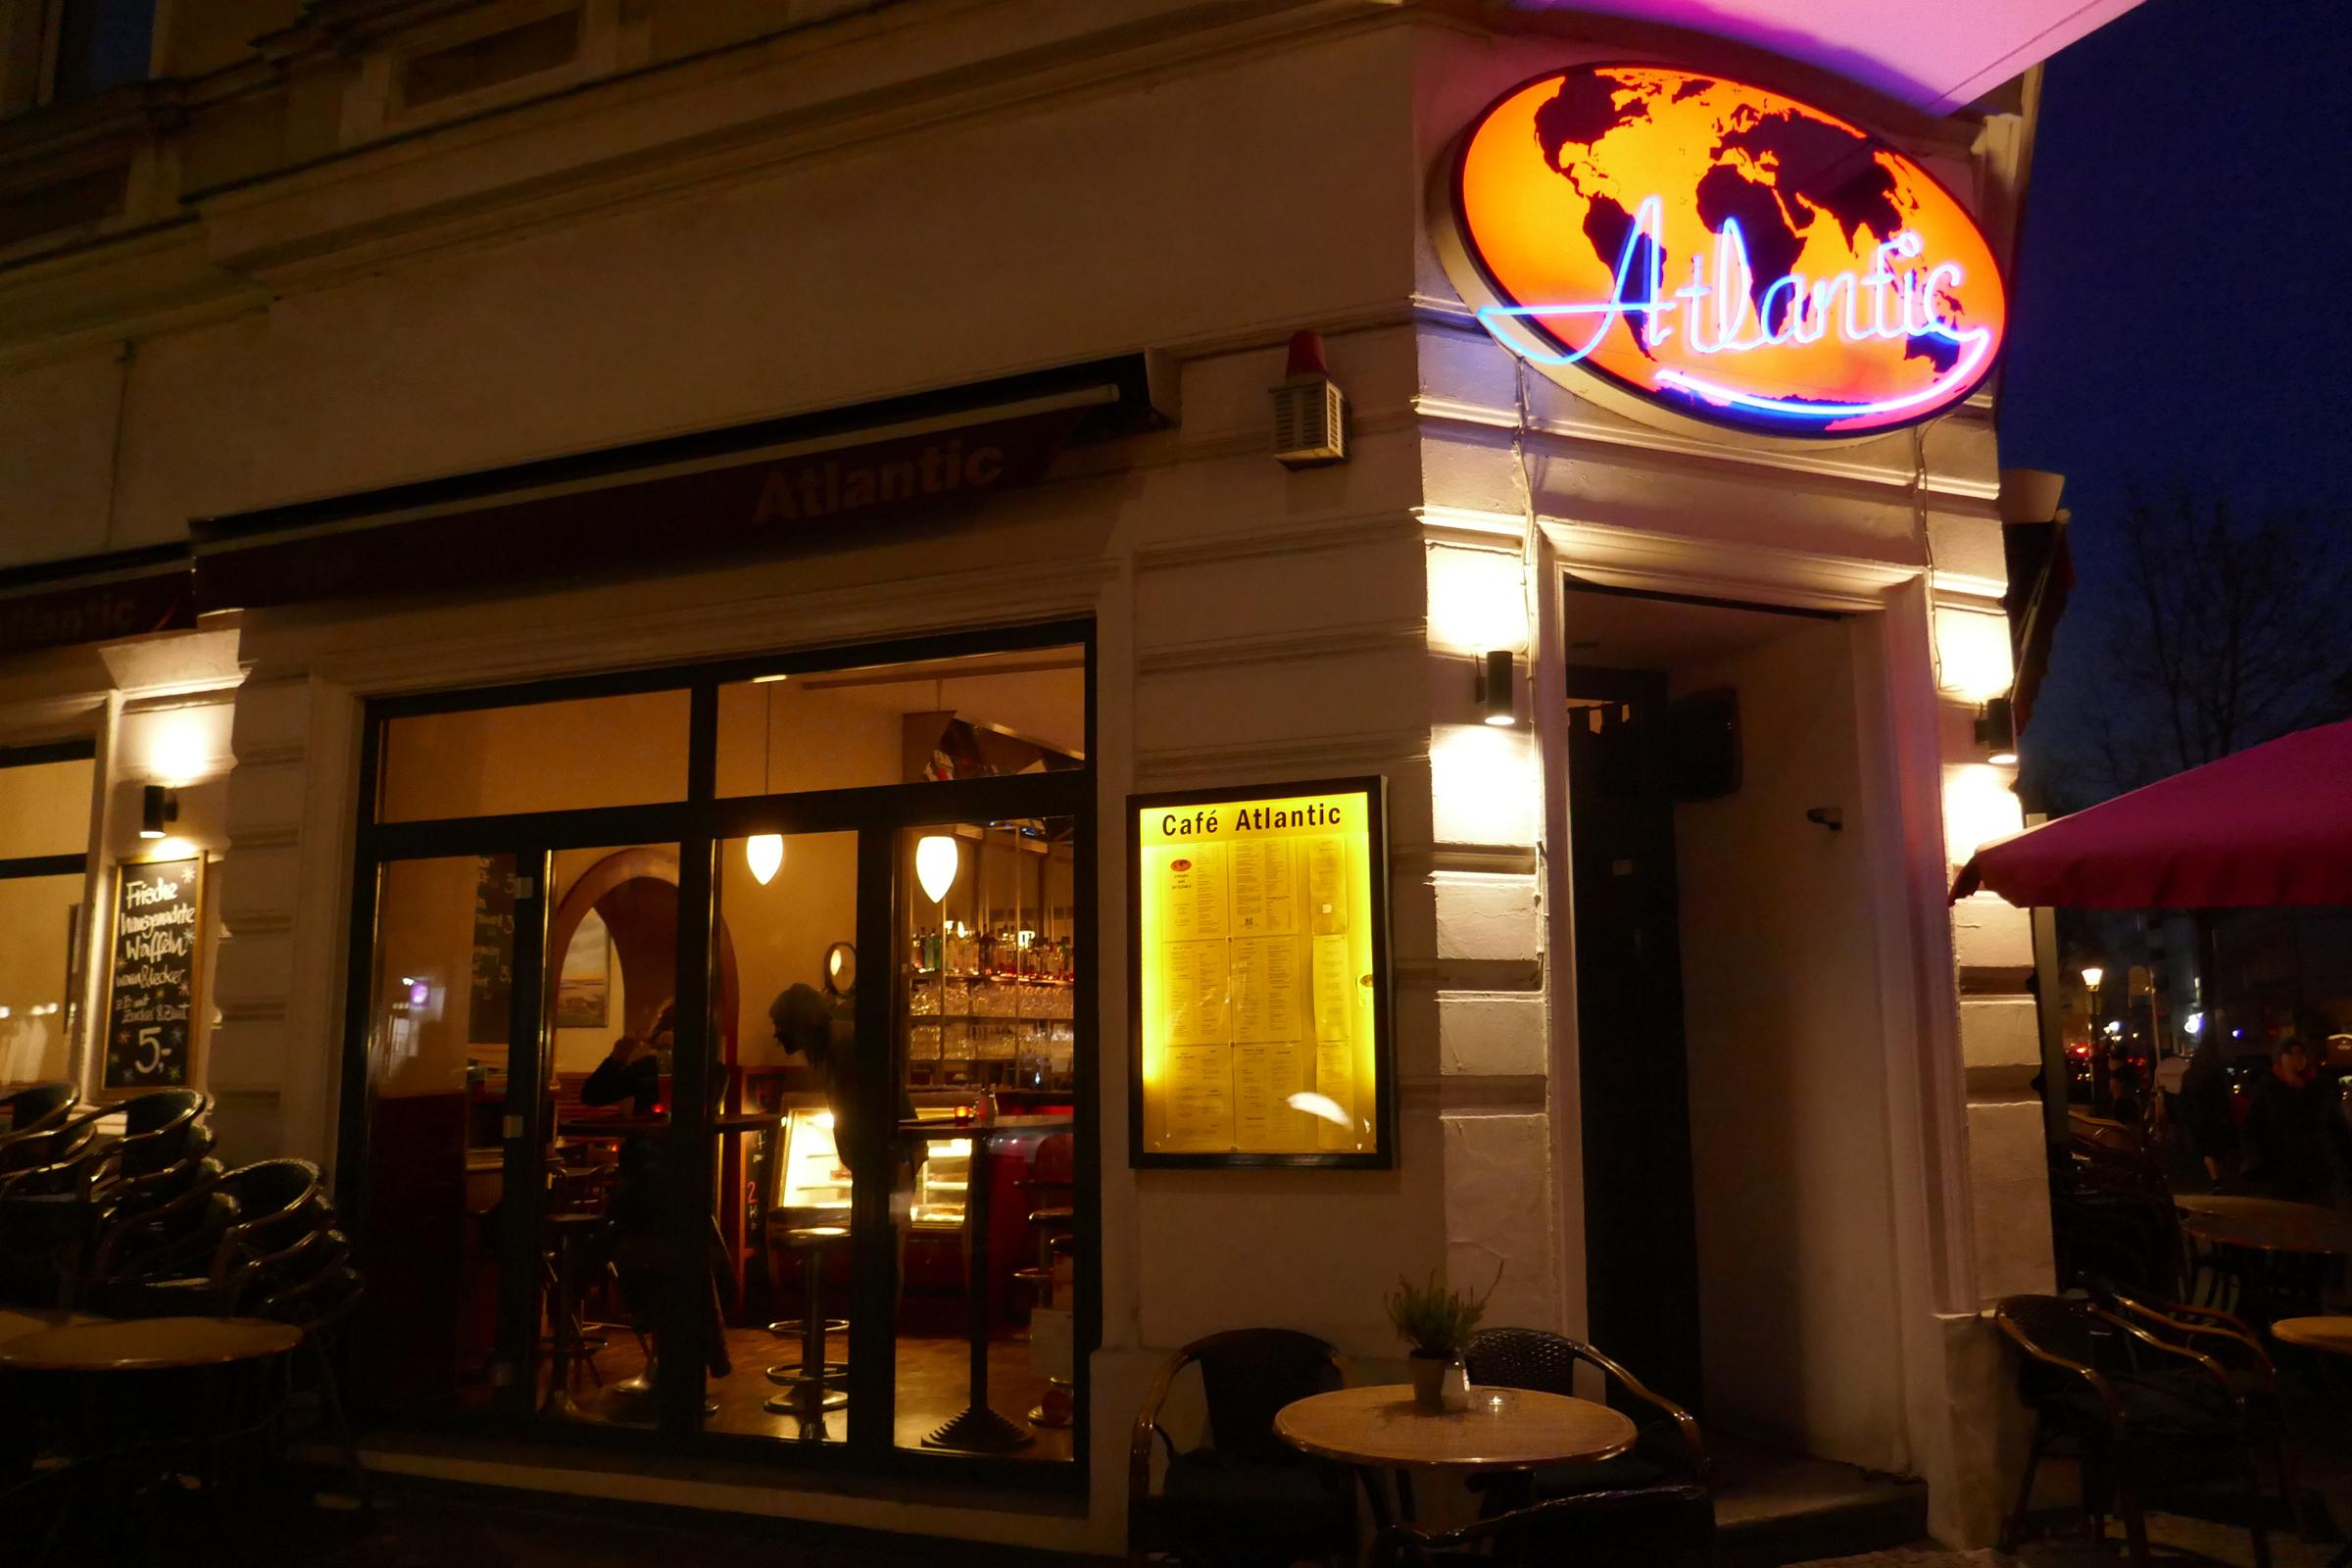 Café Atlantic an der Bergmannstraße 100. Foto: Ulrich Horb